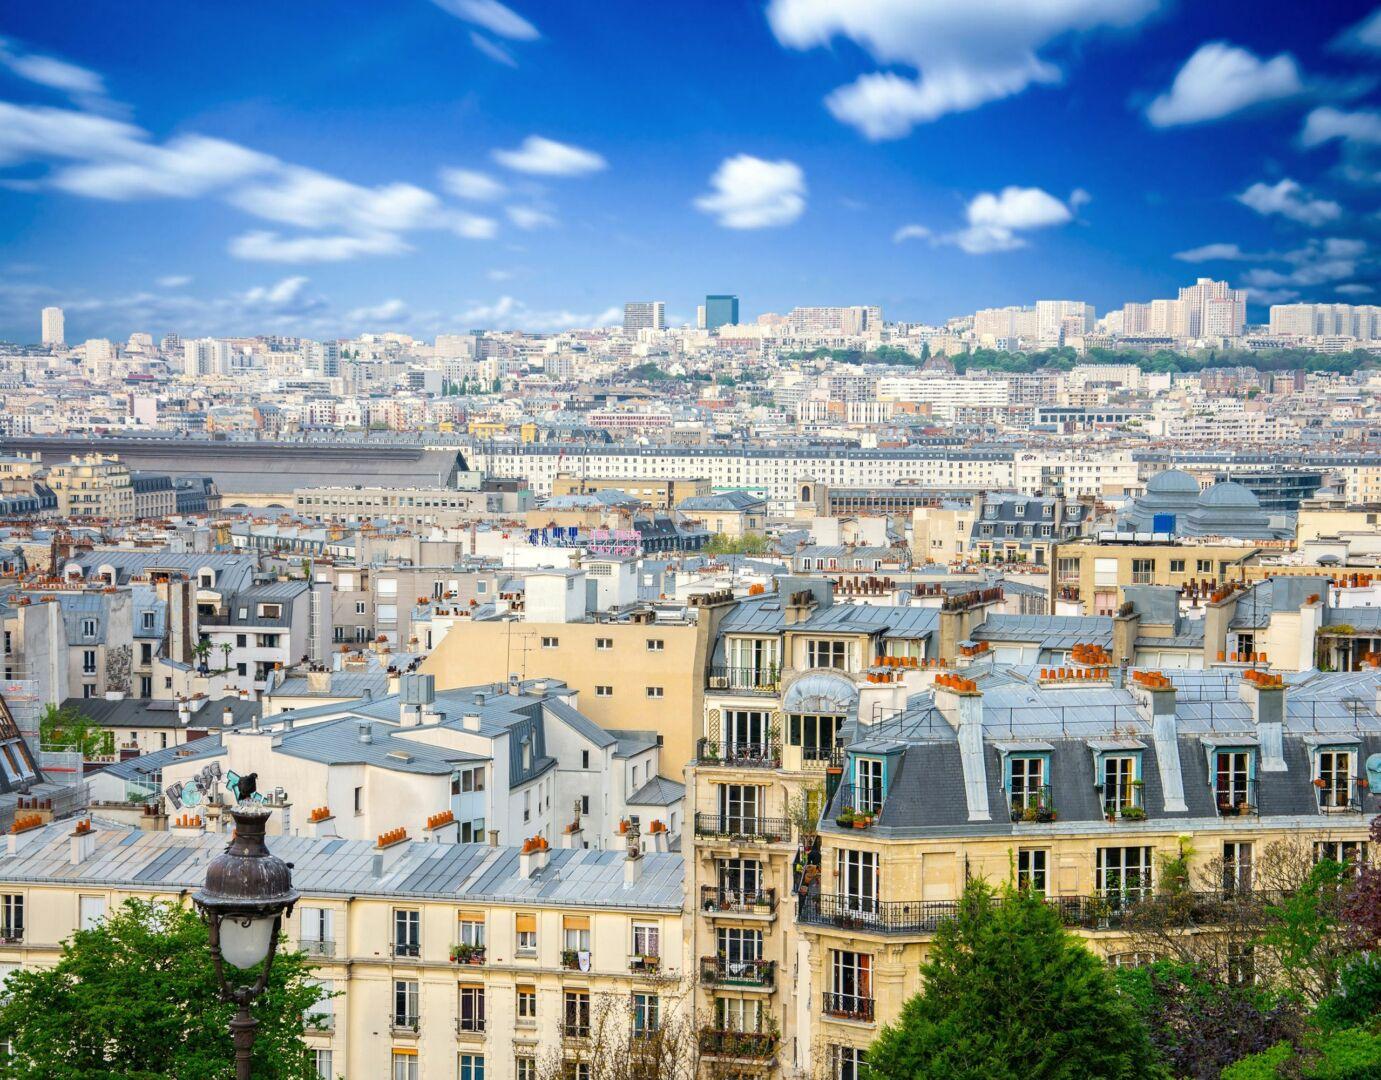 Immobilier résidentiel : vers une année record en termes d'investissement